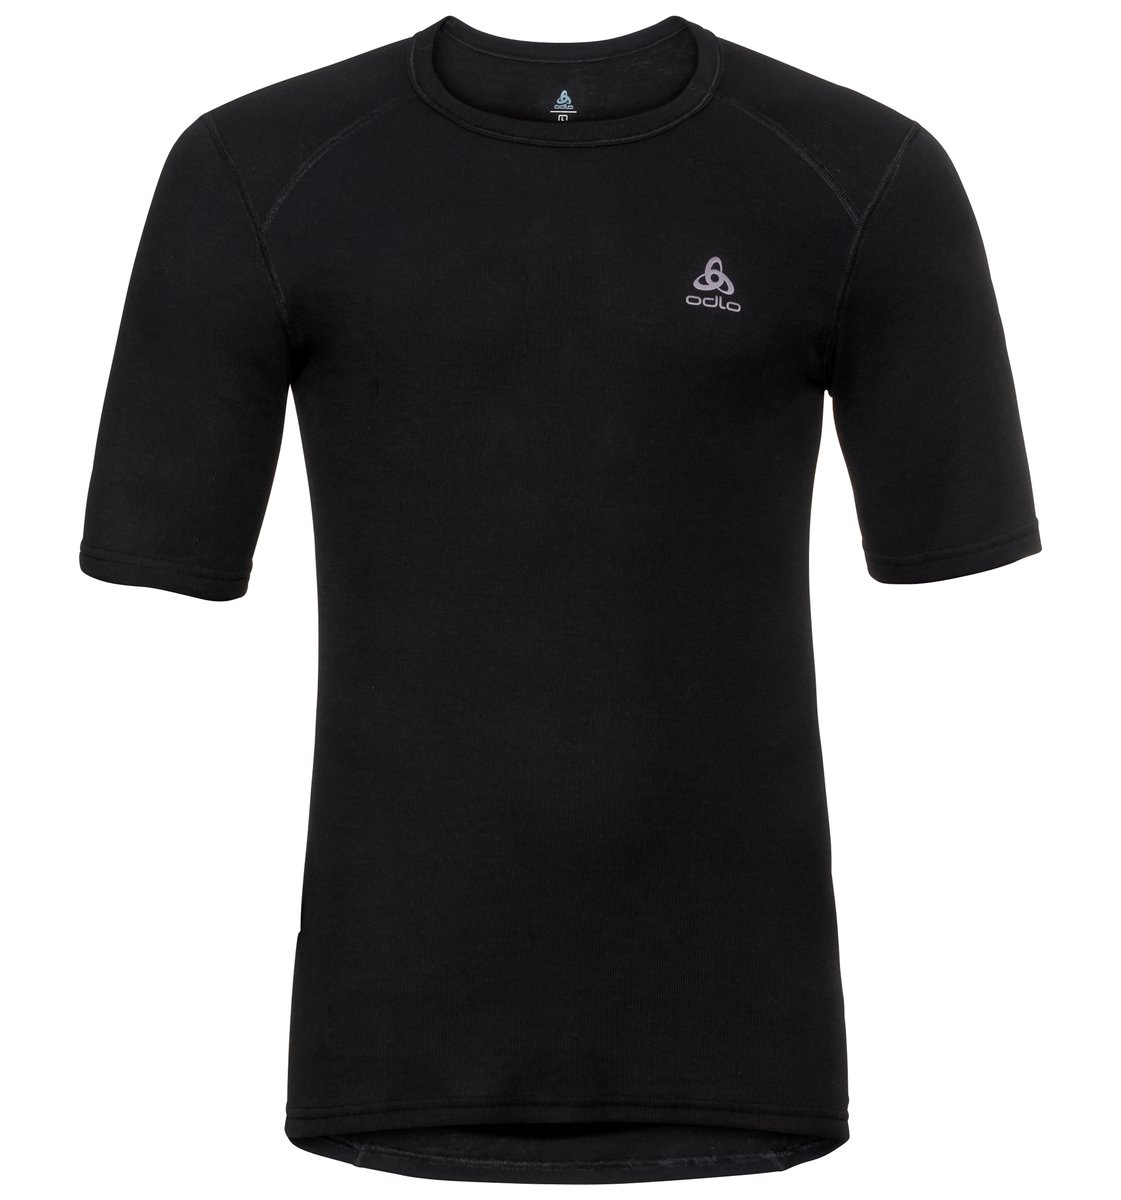 Odlo ACTIVE WARM Herren Funktionsunterwäsche T-Shirt - schwarz